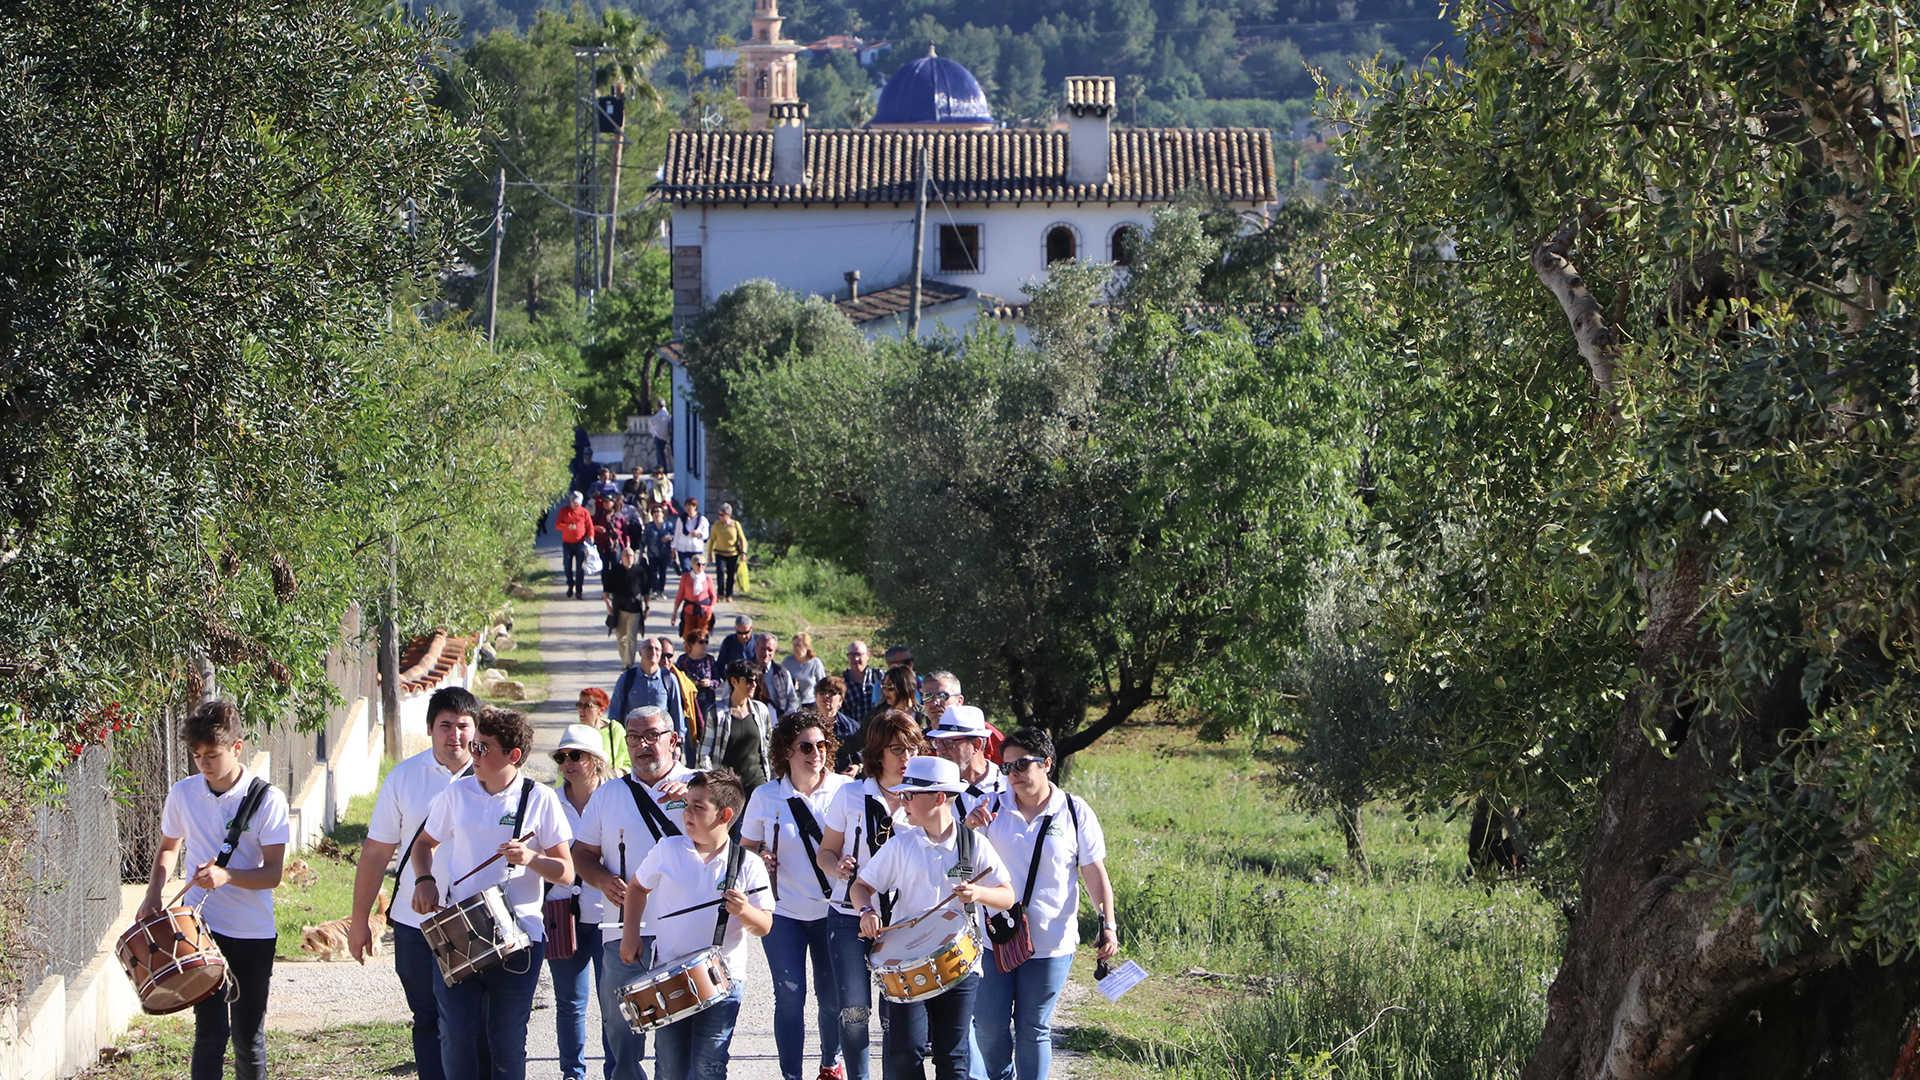 FESTIVITIY OF EL ROMERO